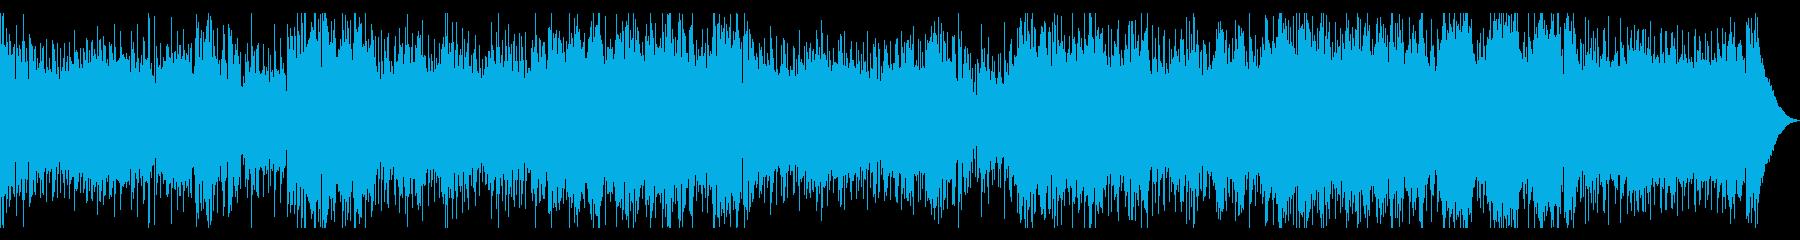 軽快なポップソングの再生済みの波形